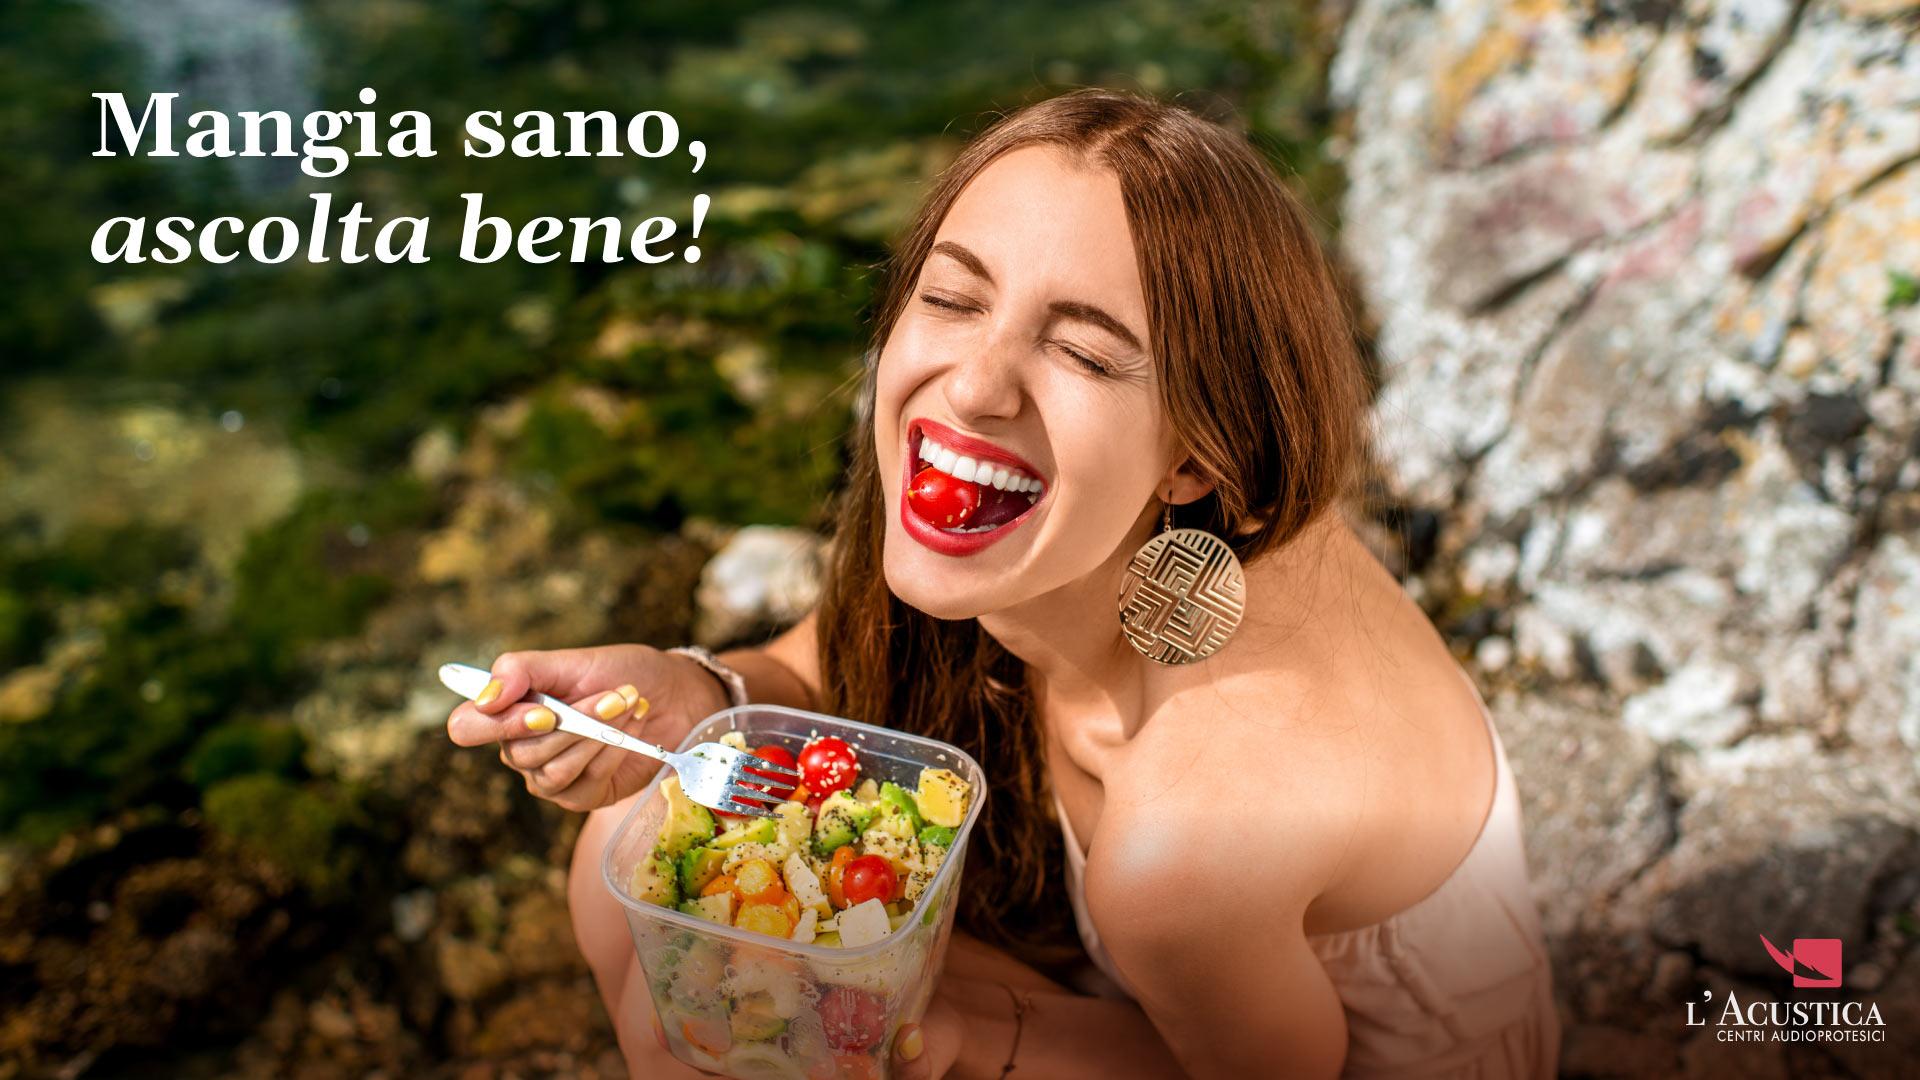 Mangiare sano significa ascoltare bene!